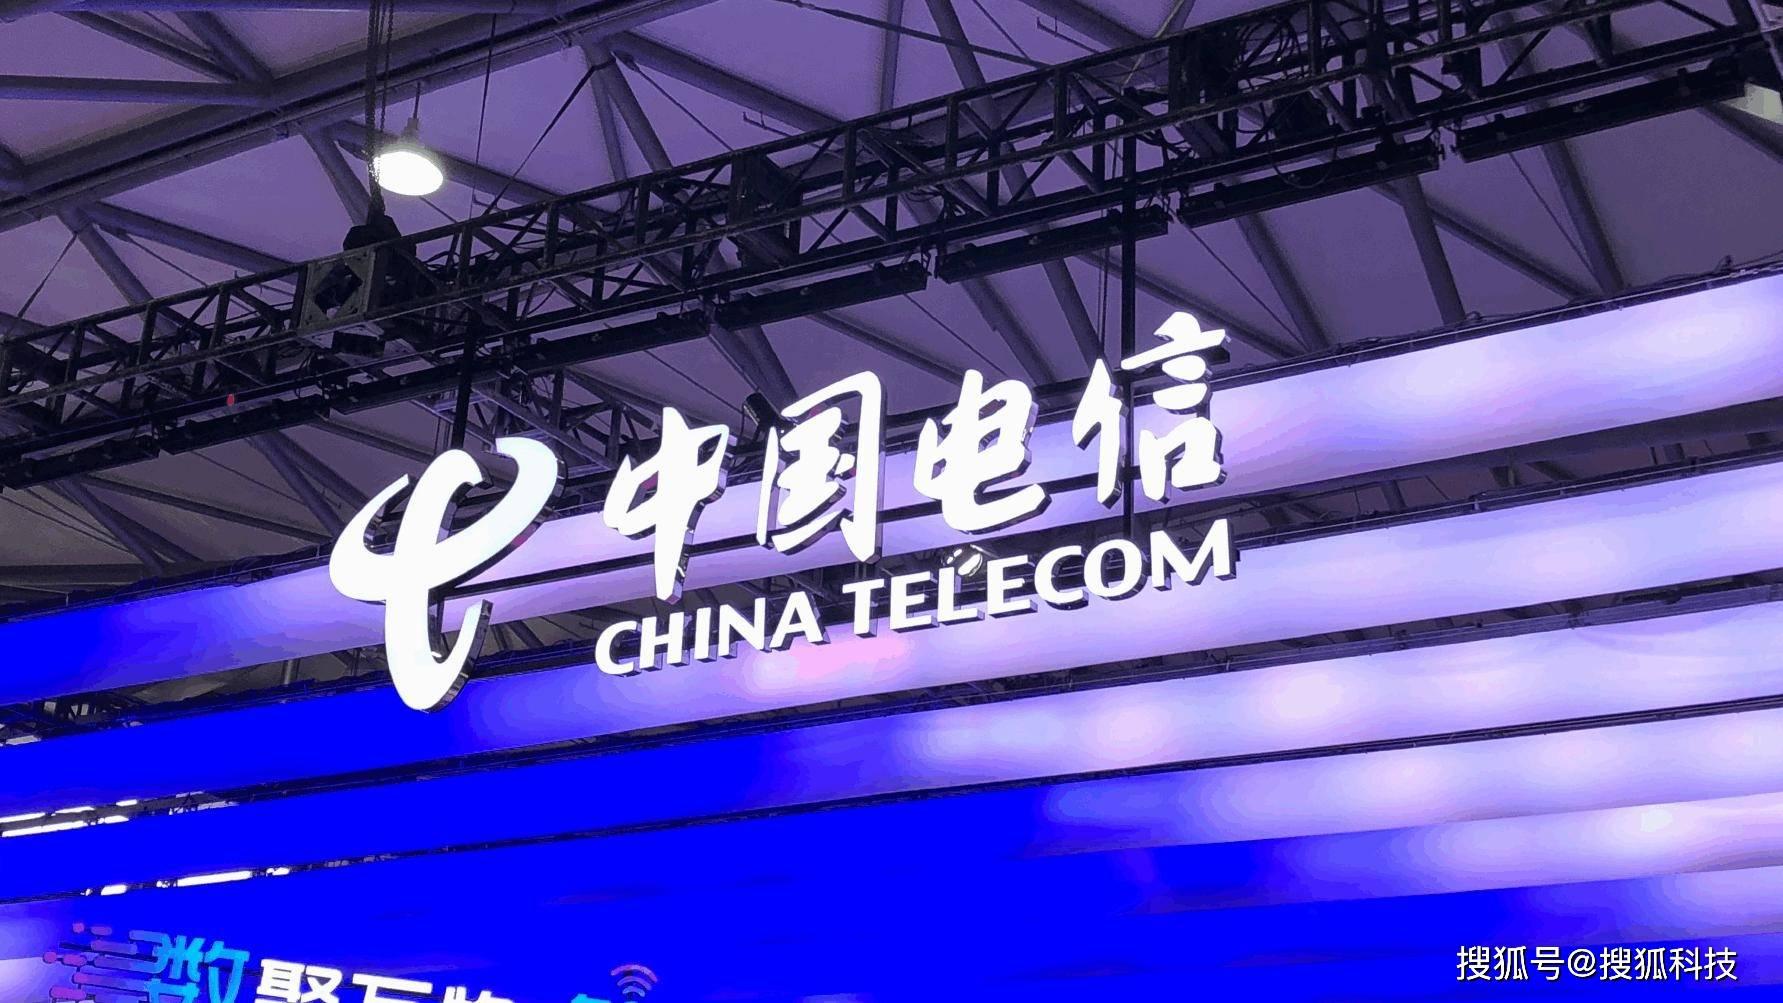 中国电信预披露招股书:连续三年净利润超200亿元